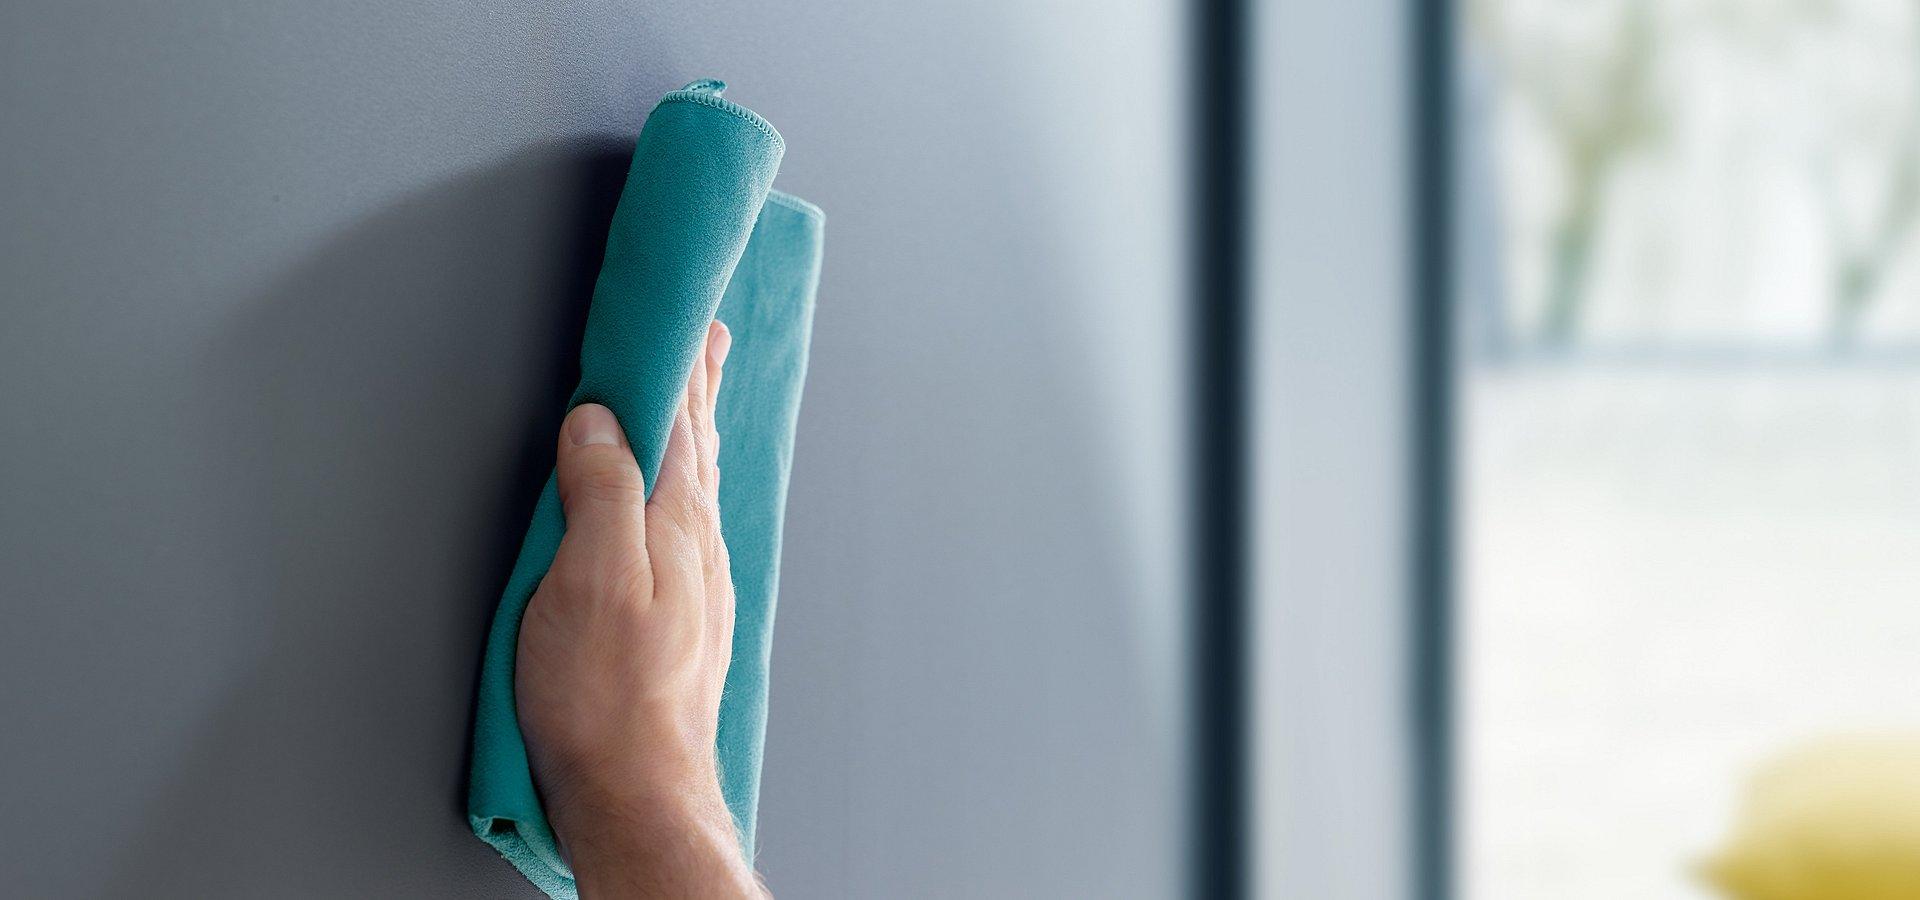 Innowacyjne powierzchnie – koniec z zadrapaniami i śladami palców